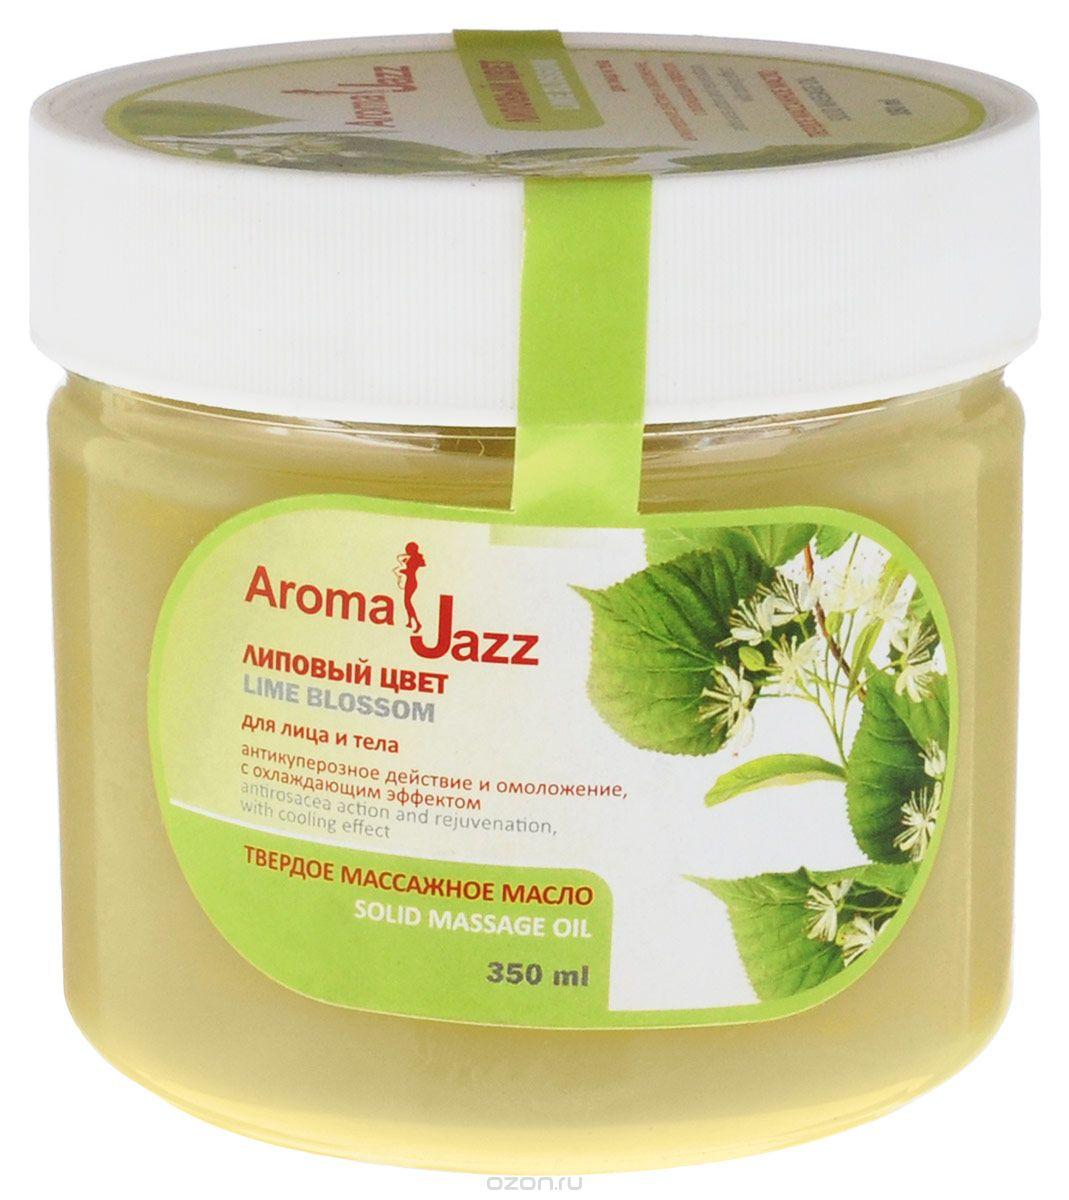 Aroma Jazz Твердое масло питательное Липовый цвет, 300 мл0107Действие: стимулирует регенерацию, синтез коллагена и эластина, восстанавливает баланс всех элементов соединительной ткани, обеспечивает детоксикацию и обновление клеток, усиливает кислородный обмен. Устраняет землистый цвет лица, сокращает поры, укрепляет стенки капилляров, устраняет отеки, подтягивает кожу, разглаживая морщинки. Кожа становится мягкой, нежной, свежей, упругой и обретает однородную текстуру. Противопоказания: индивидуальная непереносимость компонентов продукта. Срок хранения: 24 месяца. После вскрытия упаковки использовать в течение 6 месяцев.